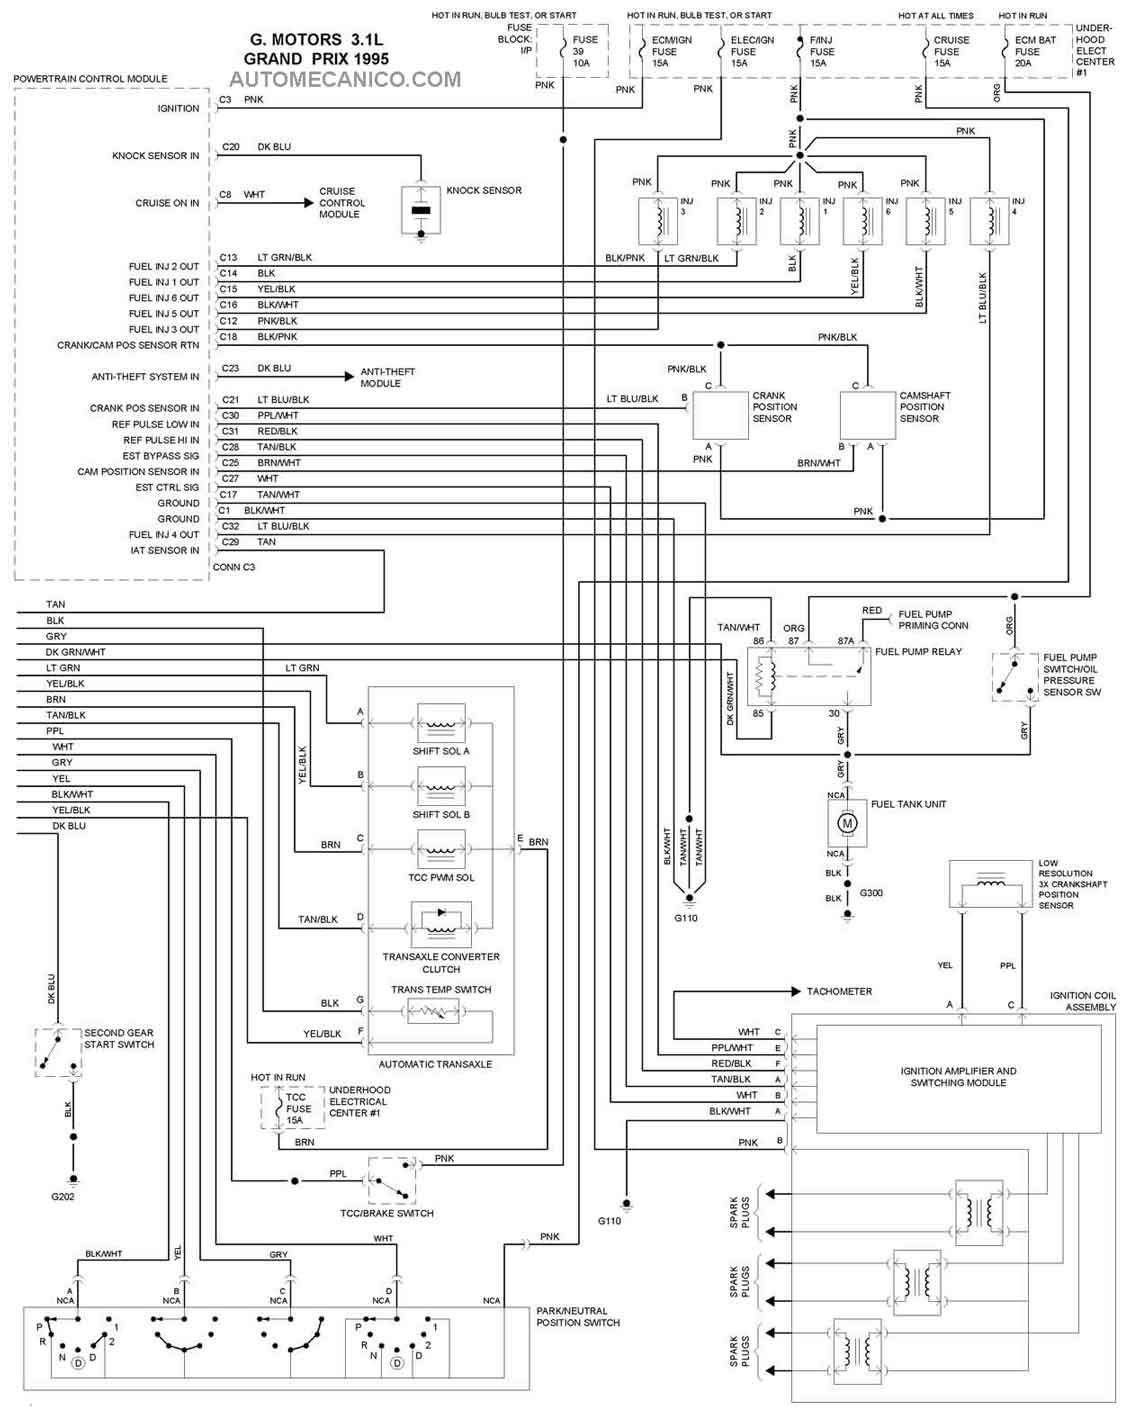 1992 Pontiac Grand Prix Engine Diagram